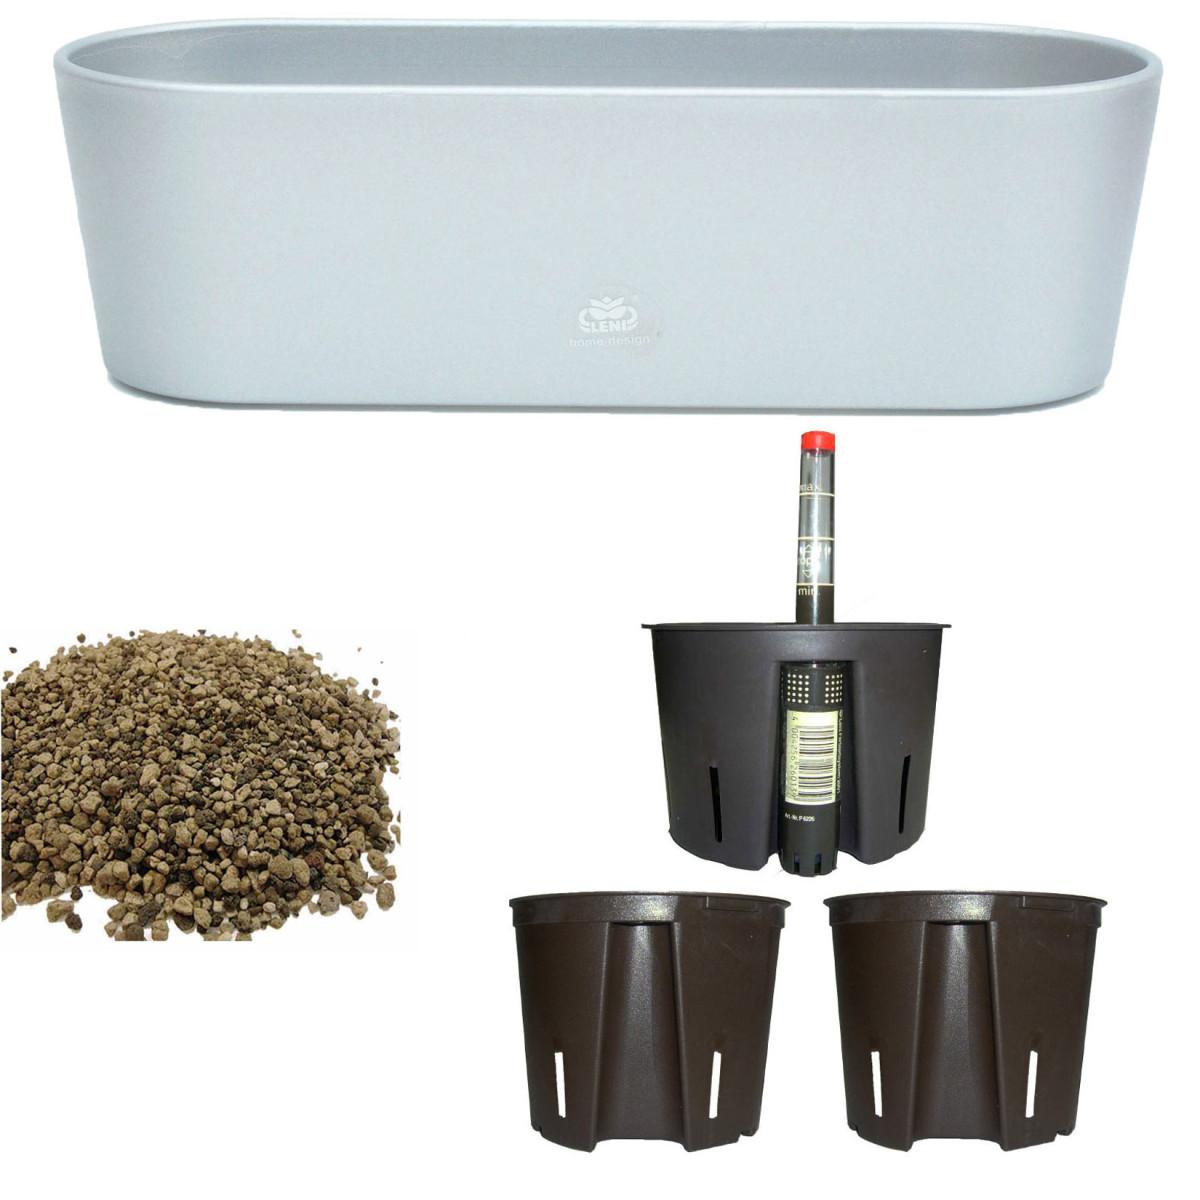 Set6 6 teilig Kunststoff Flori Pflanzschale dunkelsilber für Erdpflanzen